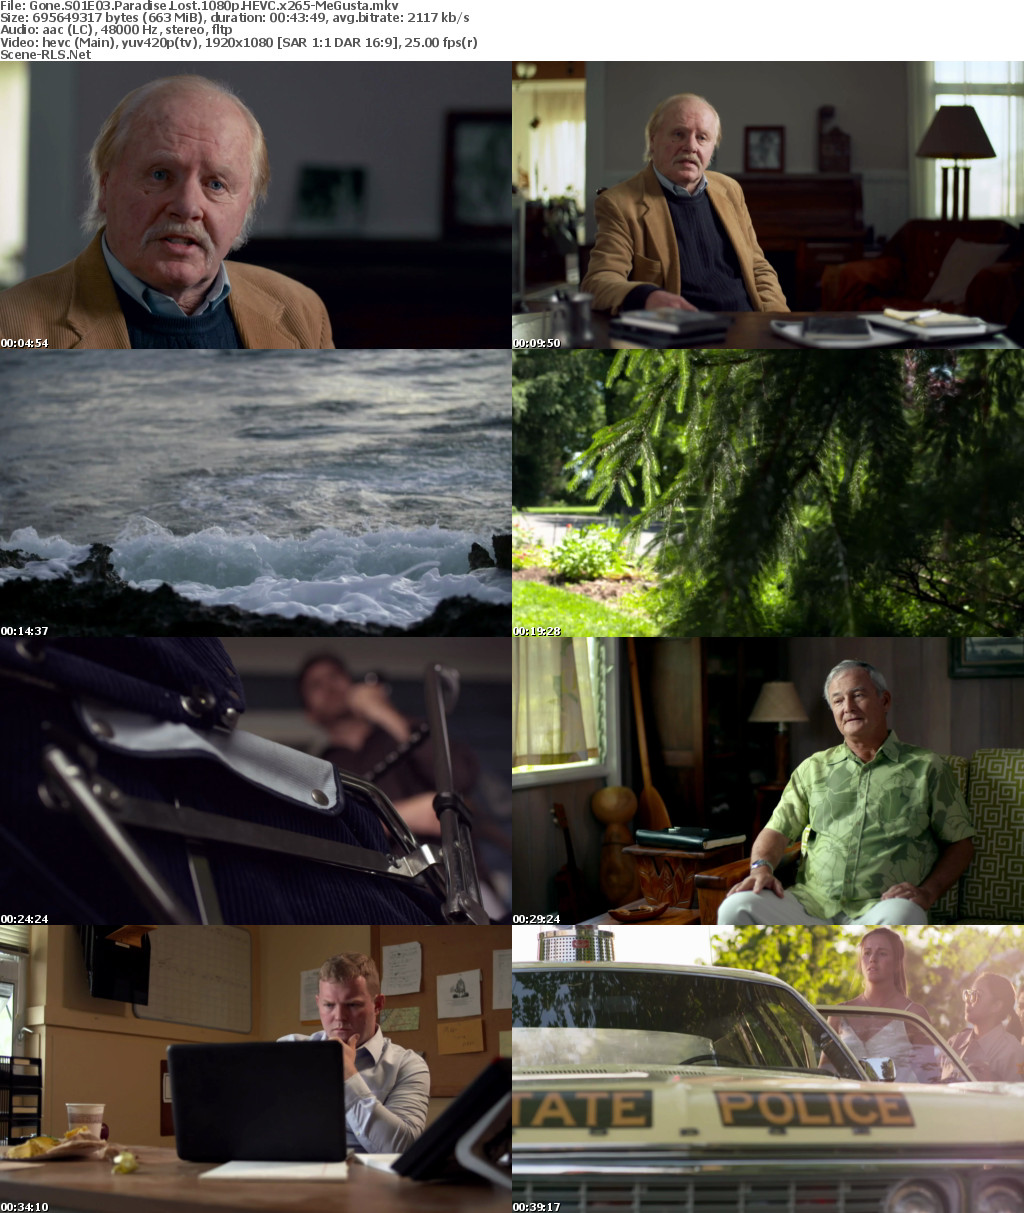 Gone S01E03 Paradise Lost 1080p WEB h264-EDHD - Scene Release